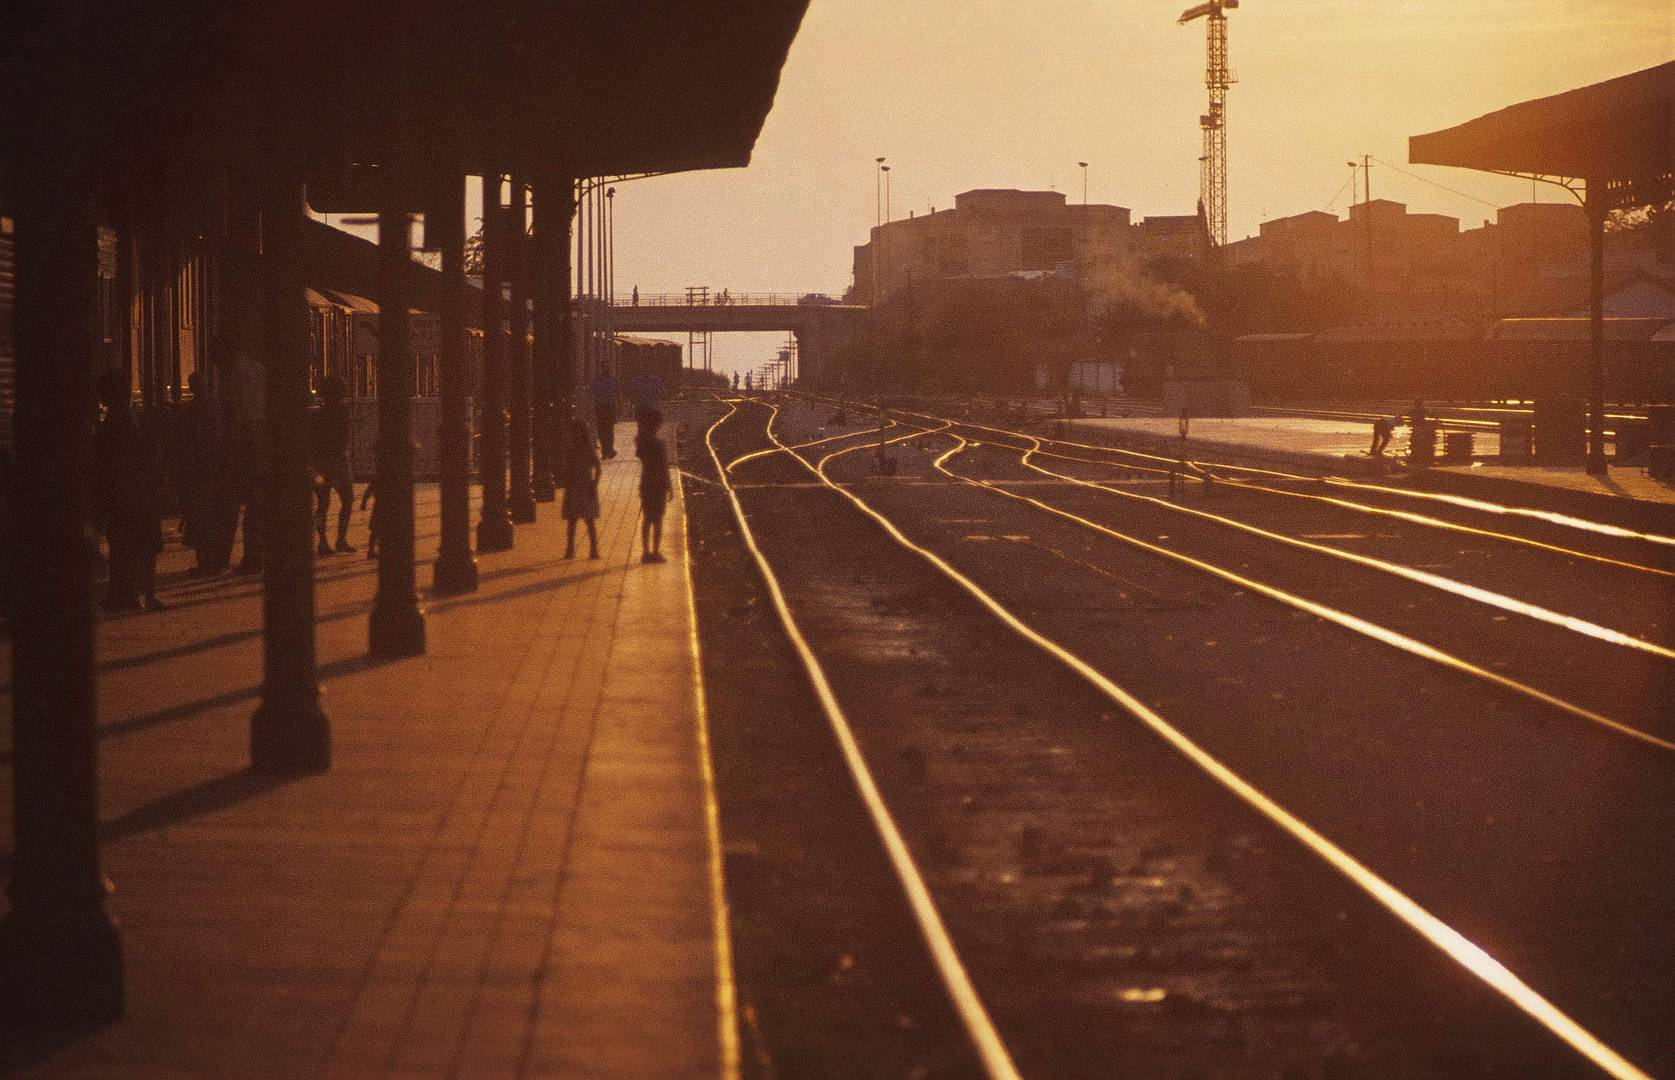 Estacion de Ferrocarril, Granada, 1980